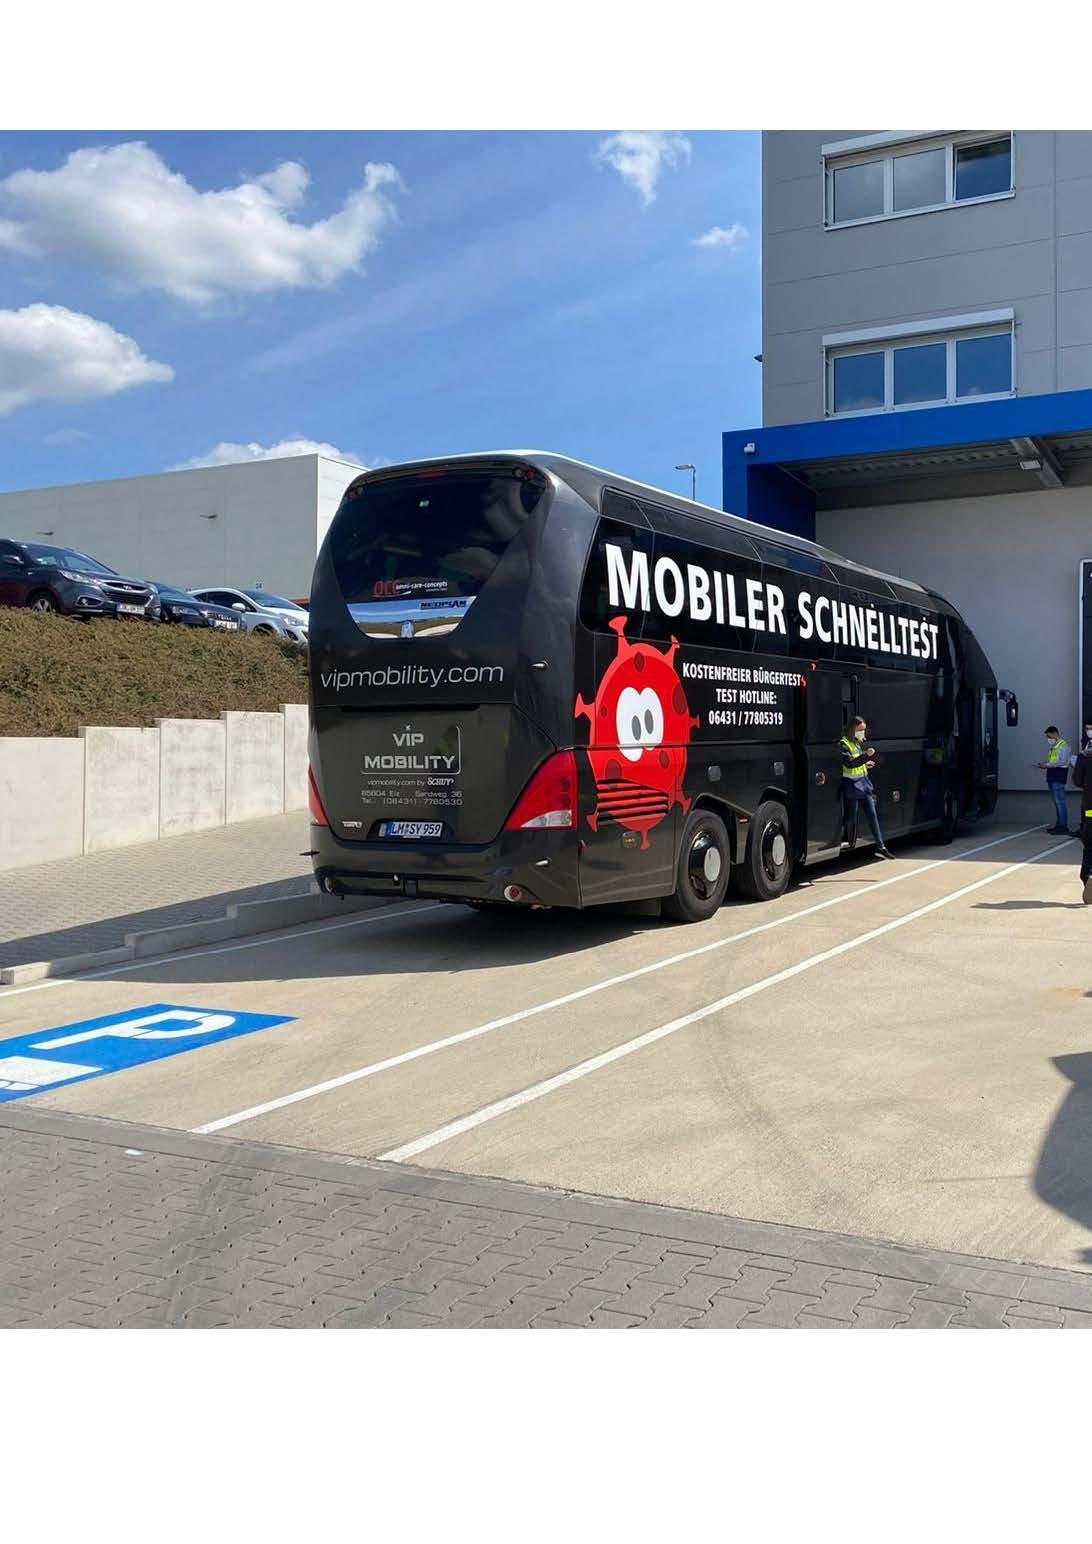 Corona Testbus 1 - Corona-Testbus testet Mitarbeiter der Firma Genius